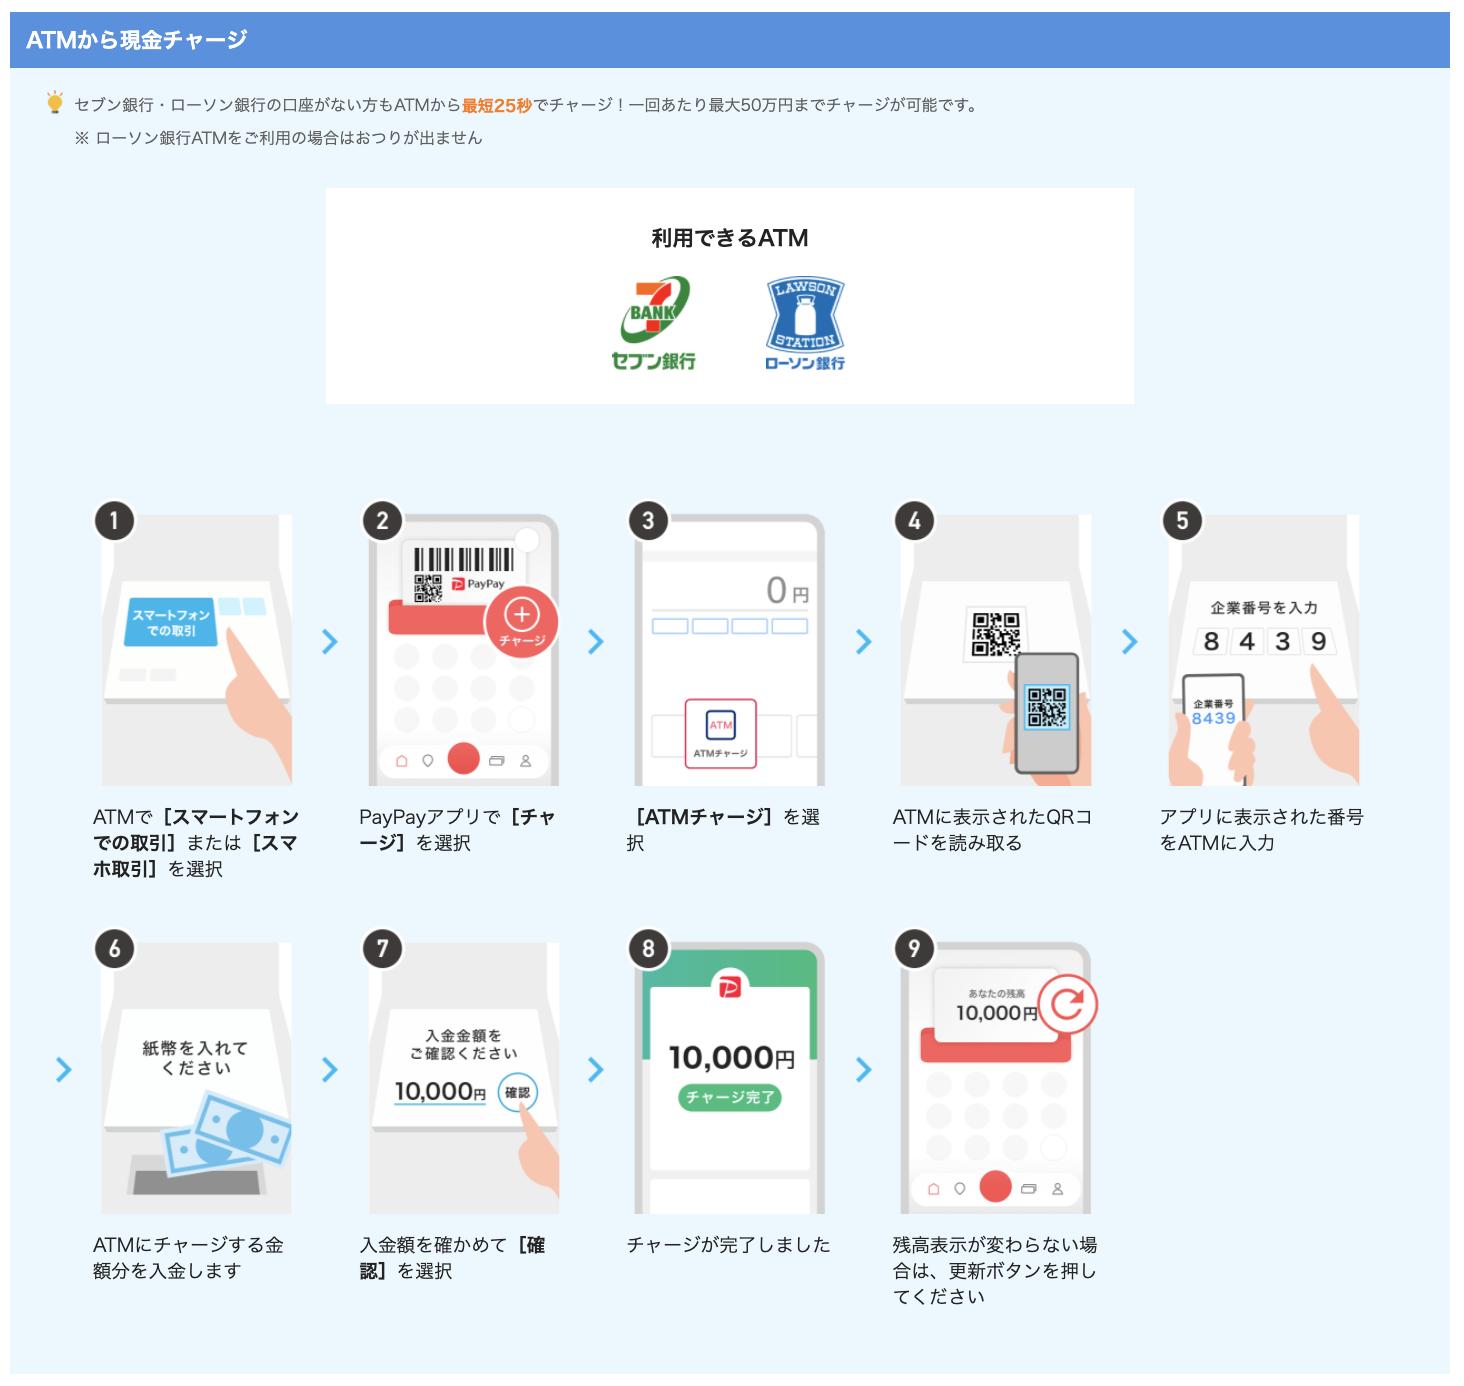 セブン銀行ATMの登録方法